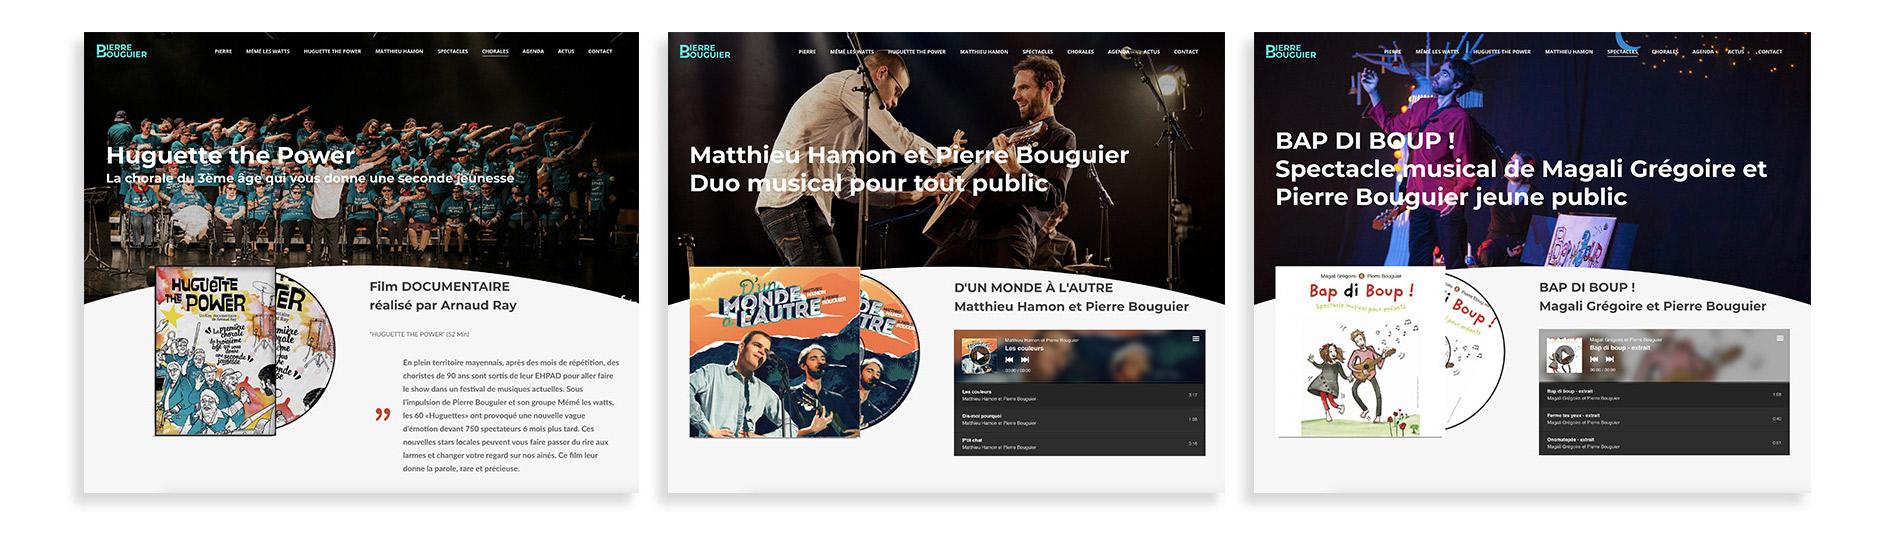 Pages albums site pierre bouguier